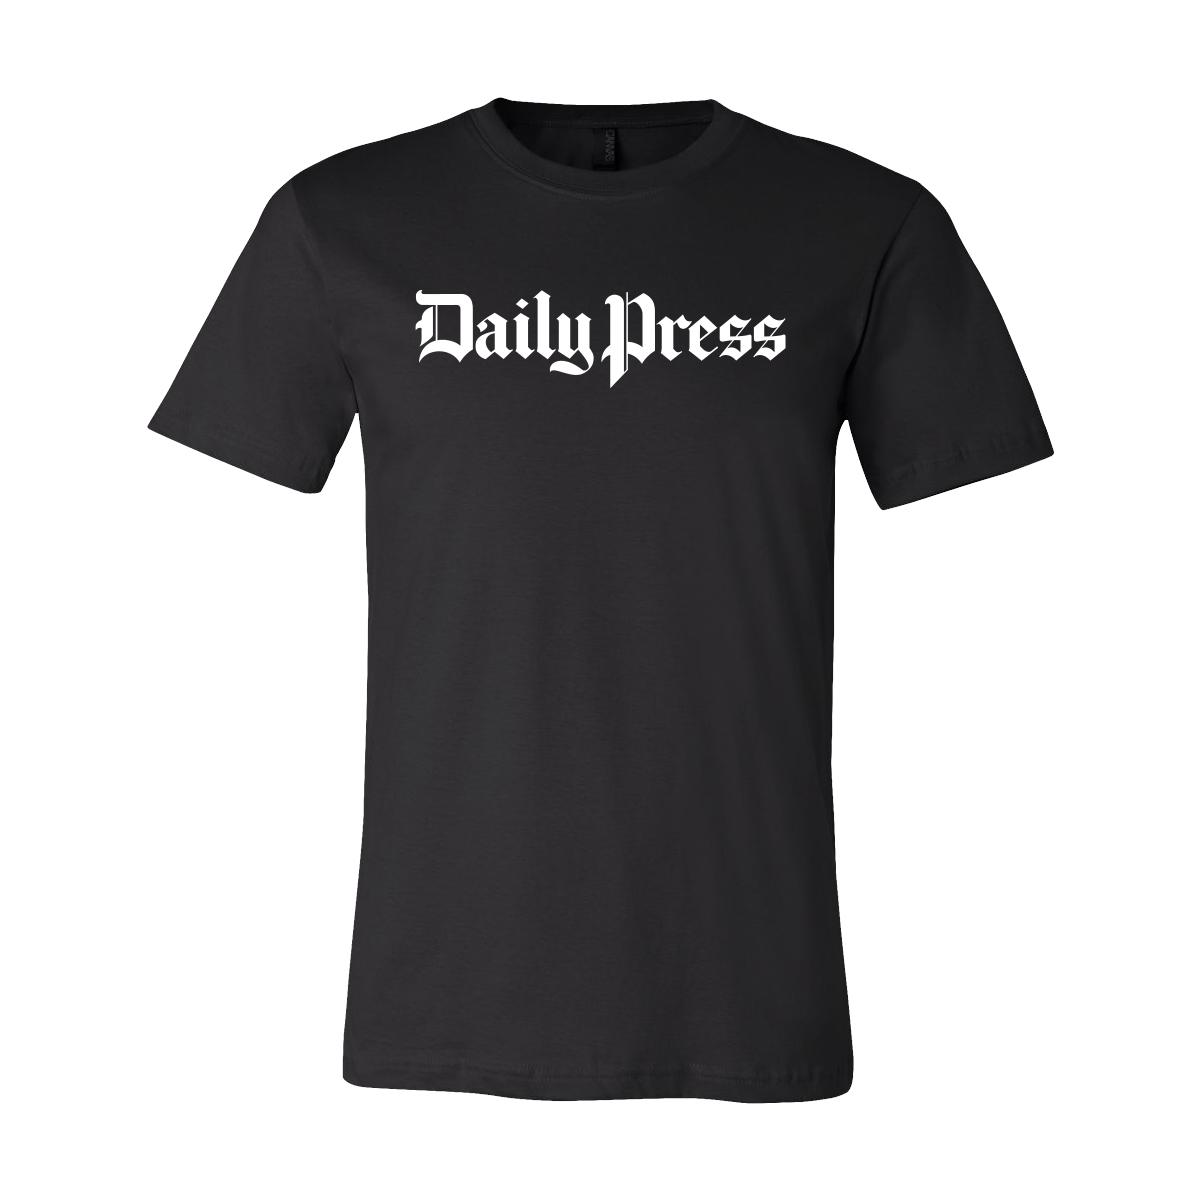 Daily Press Shirt